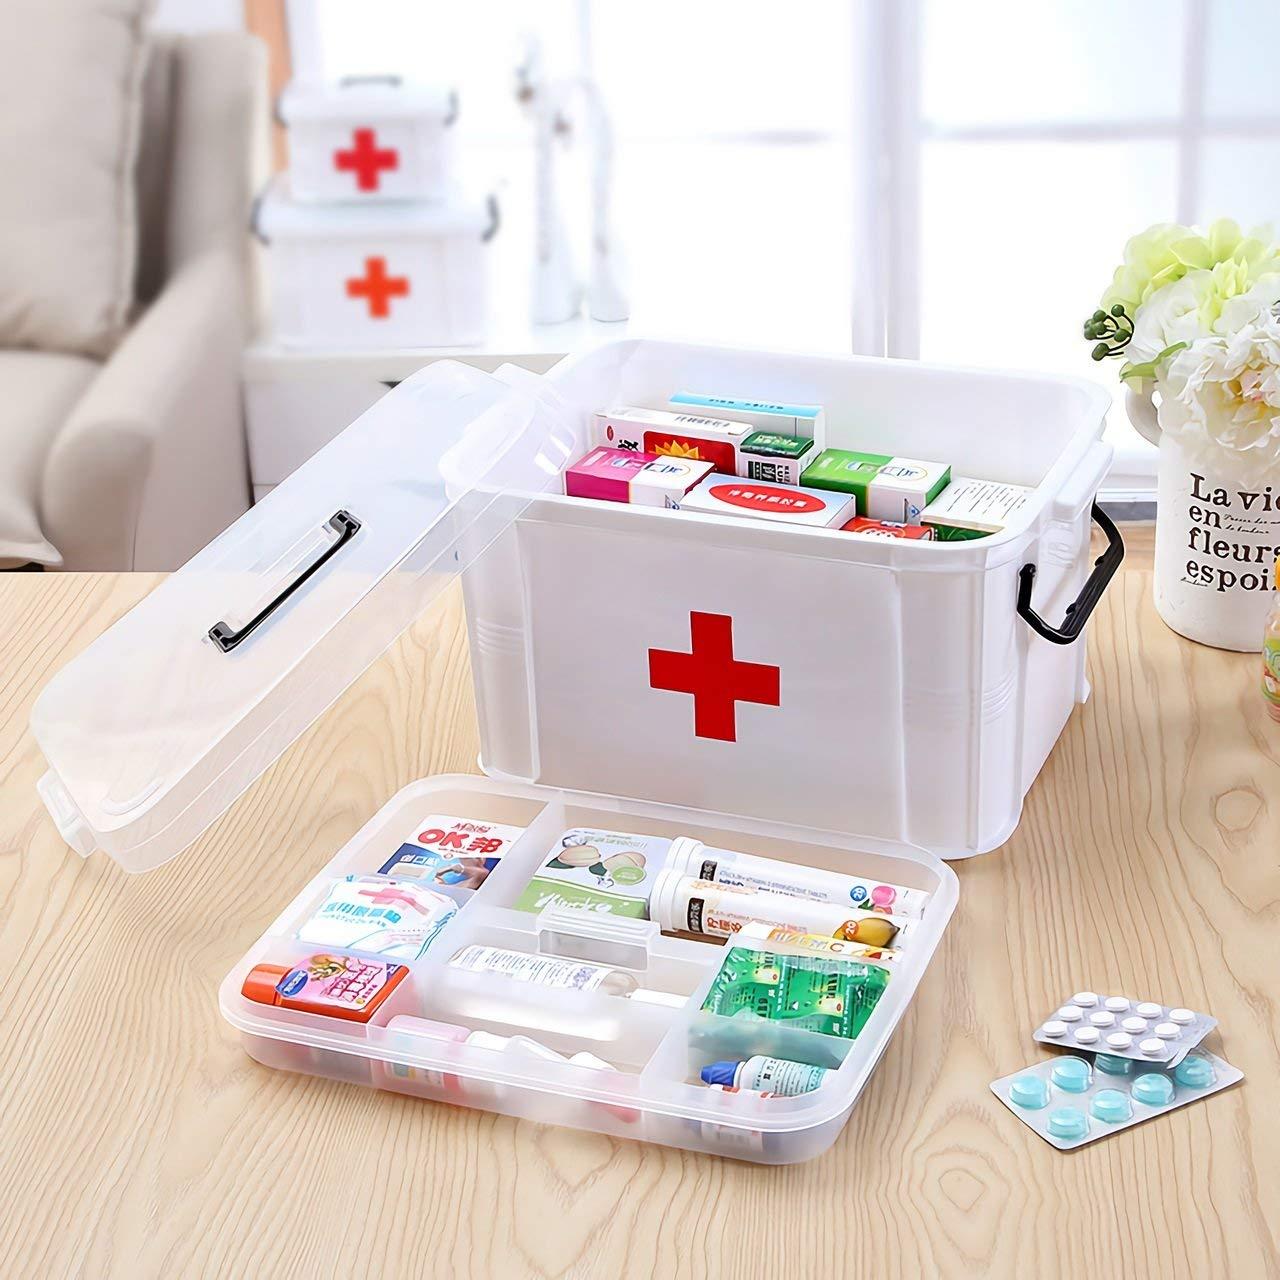 救急箱のおすすめ3選!薬の整理・収納に